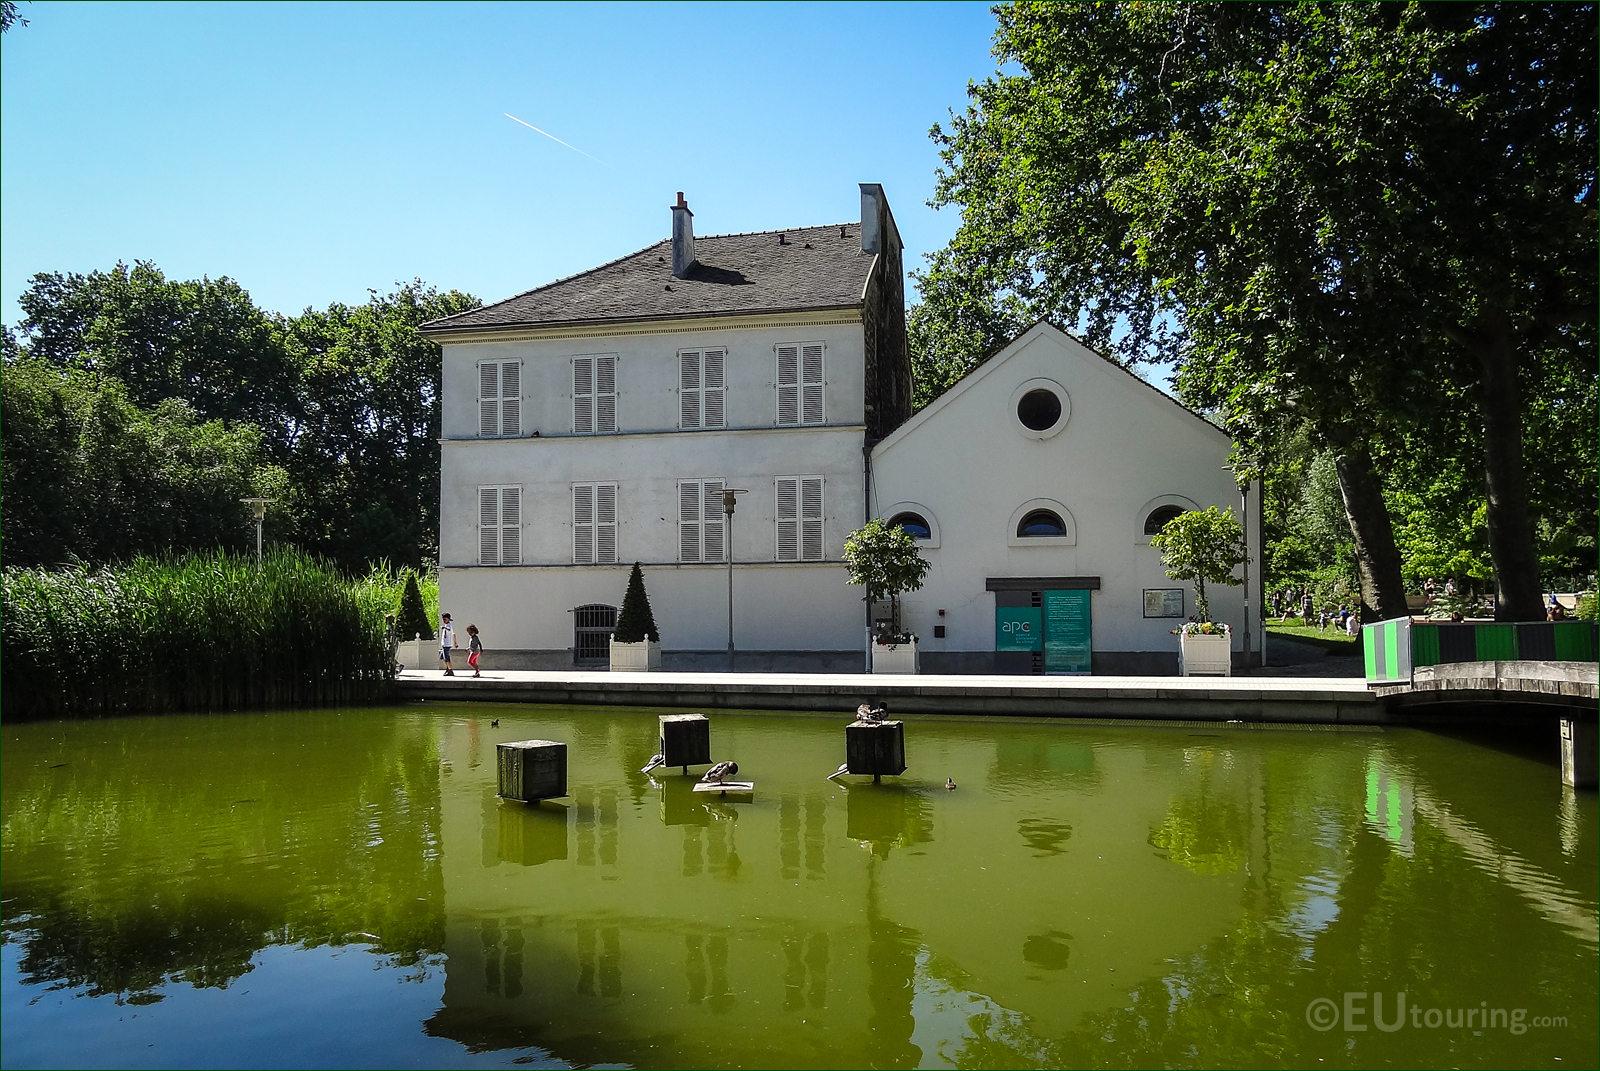 Photographs of the Agence Parisienne du Climat in Parc de Bercy